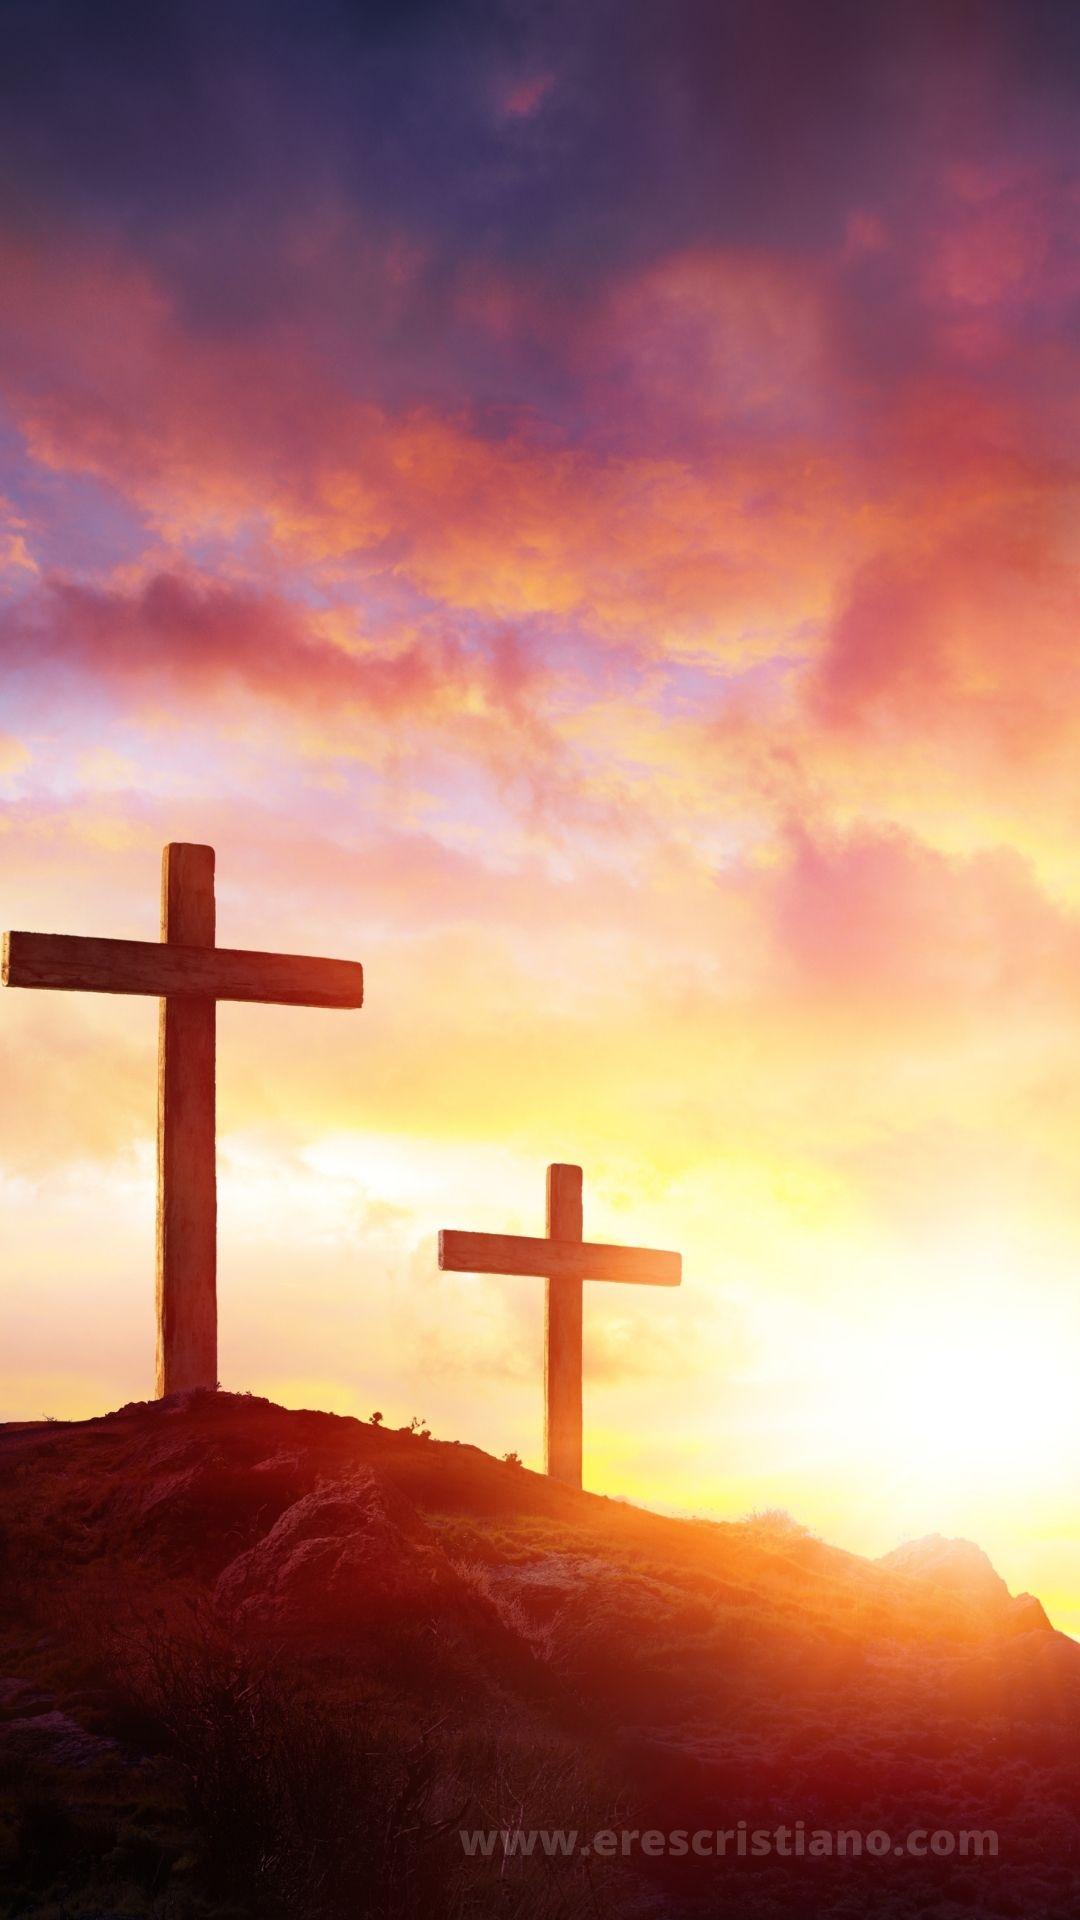 fondos para celular de Cristo